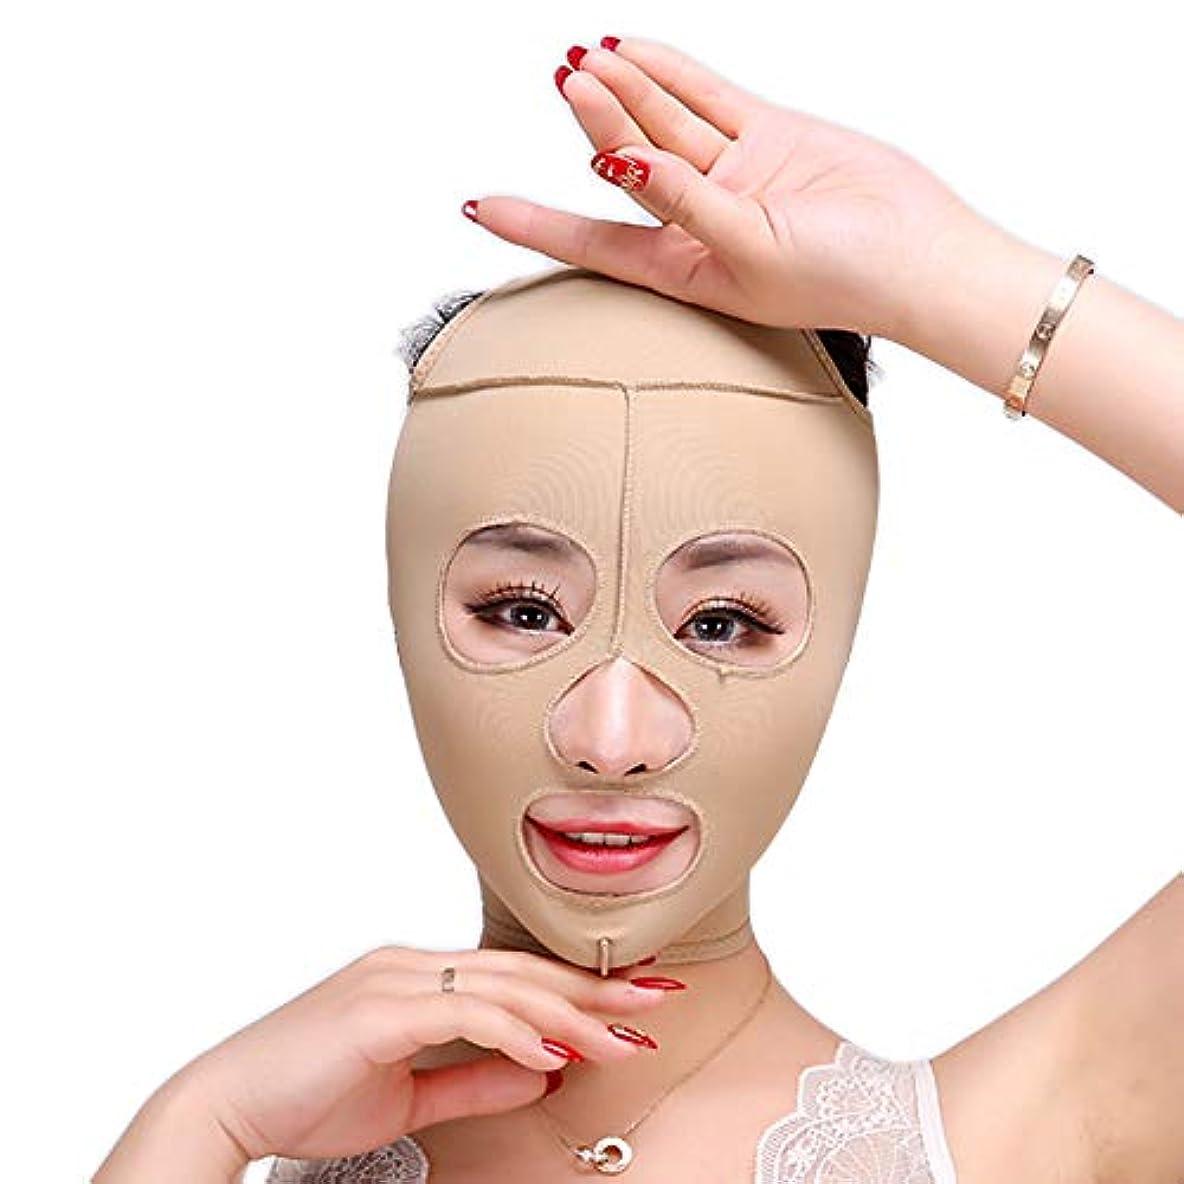 十代の若者たちウール報復顔を細くするためのフェイスリフトフルマスク、抗シワグルーミングレジューサスキン引き締めフェイシャルケアフェイスベルト,L